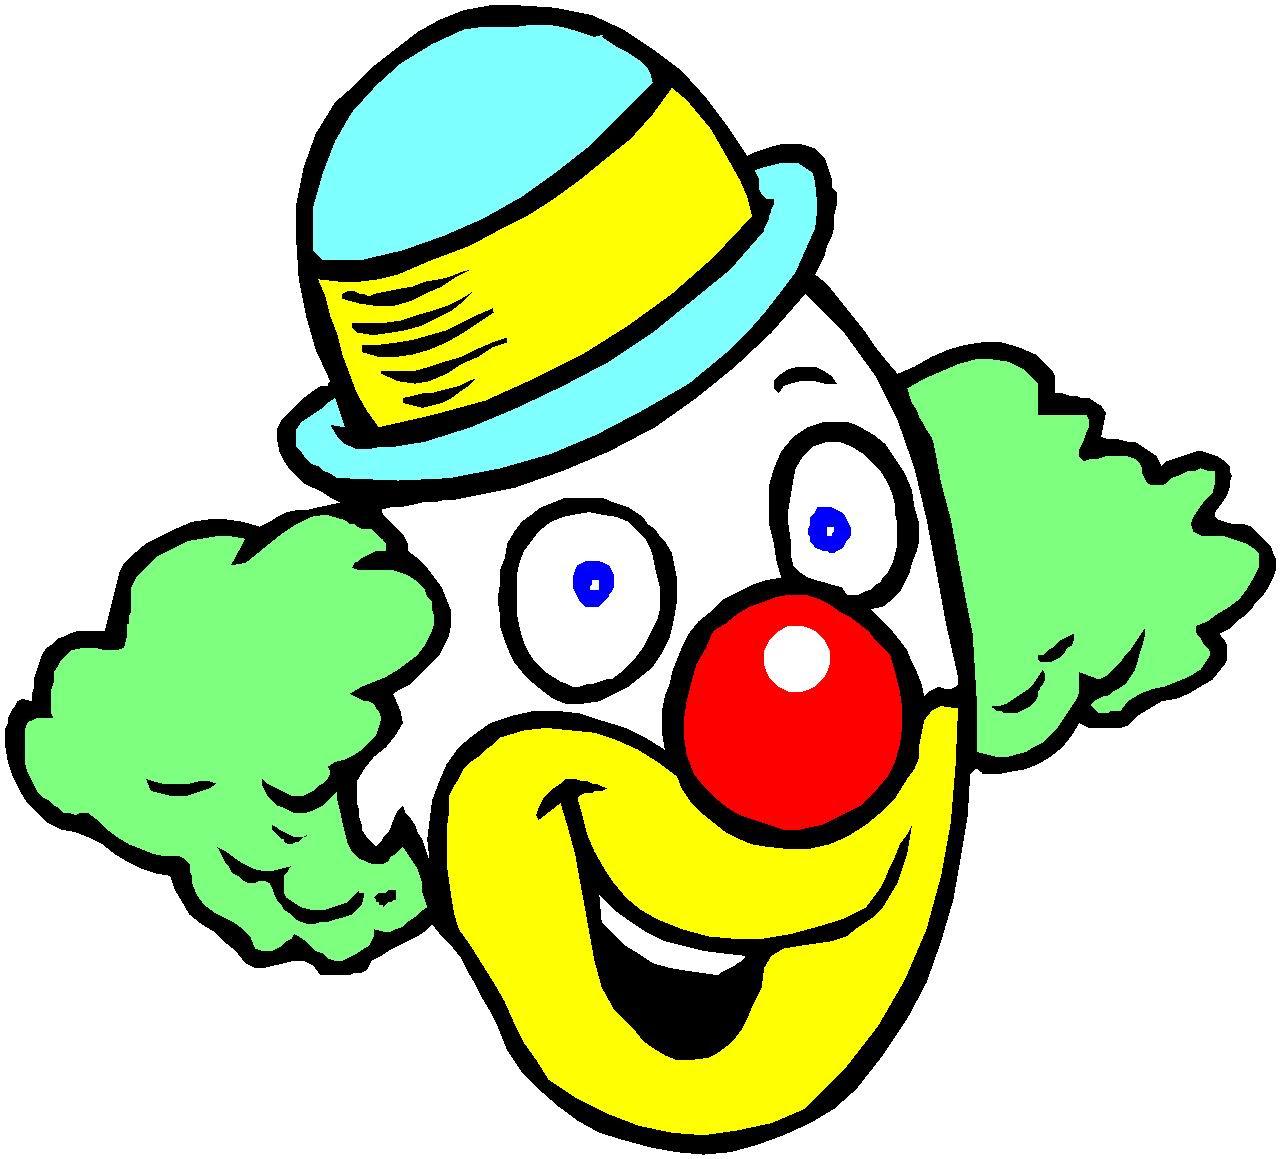 clown malvorlagen ausdrucken name  zeichnen und färben